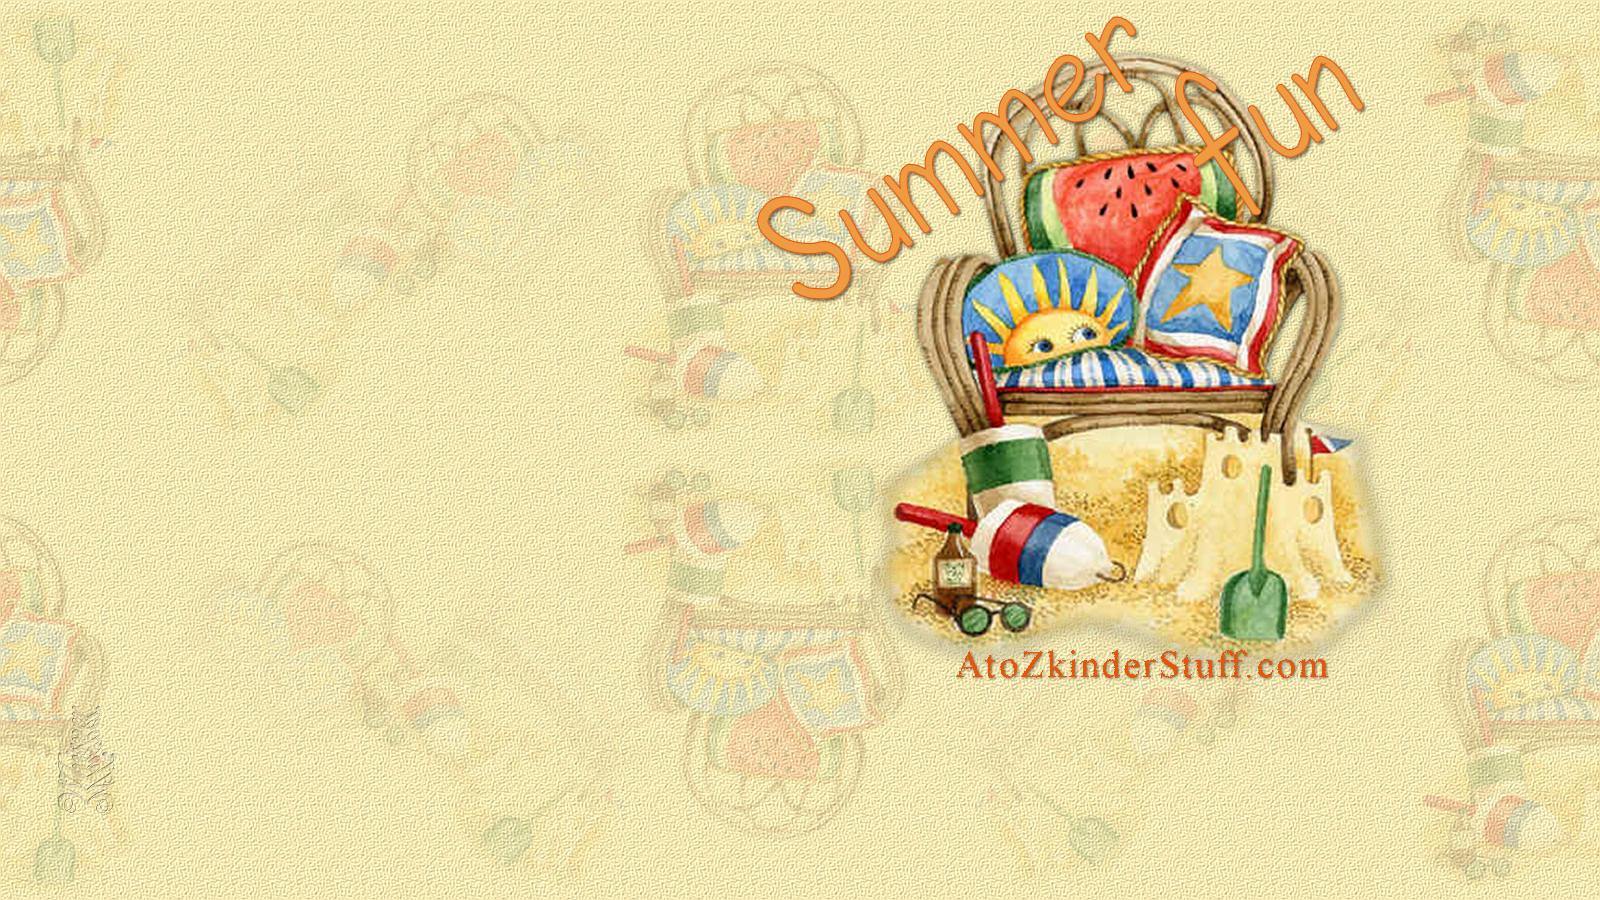 Summer Fun Desktop Wallpaper 1600x900